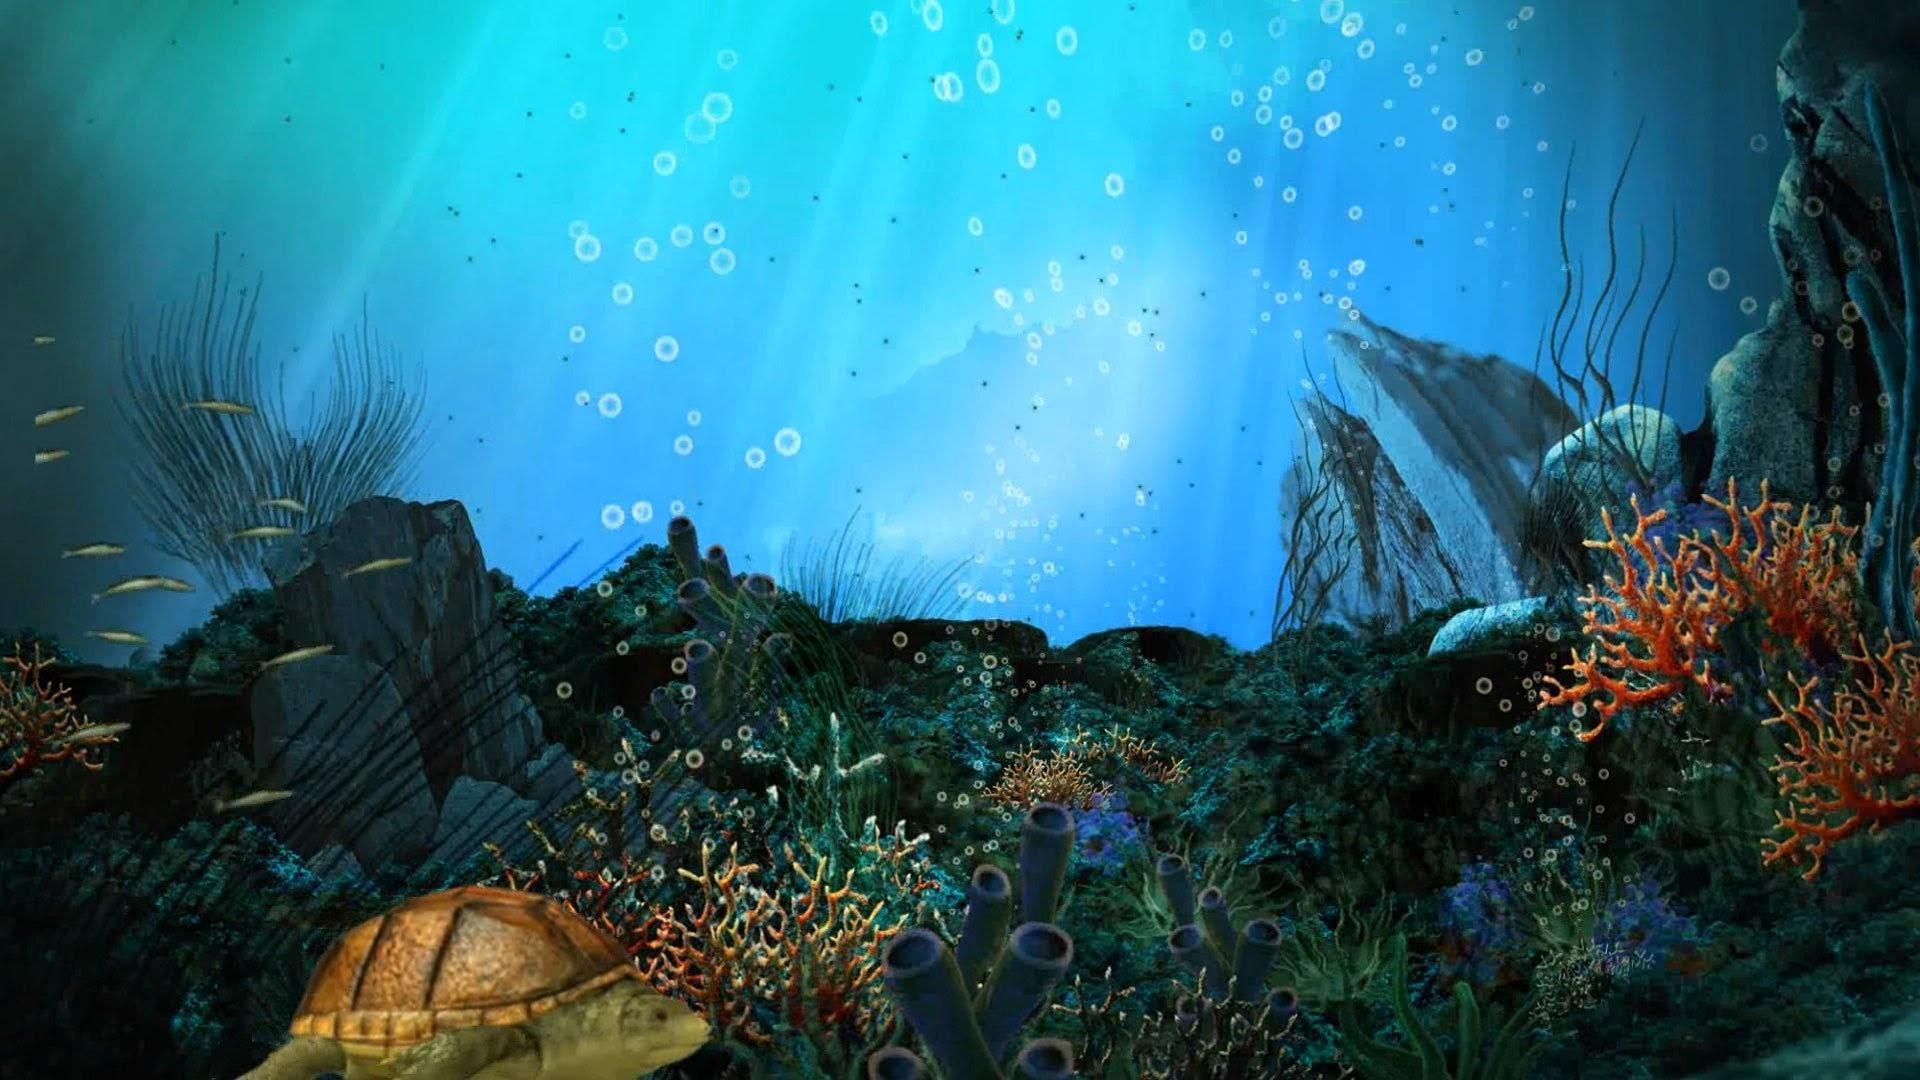 Aquarium computer wallpaper